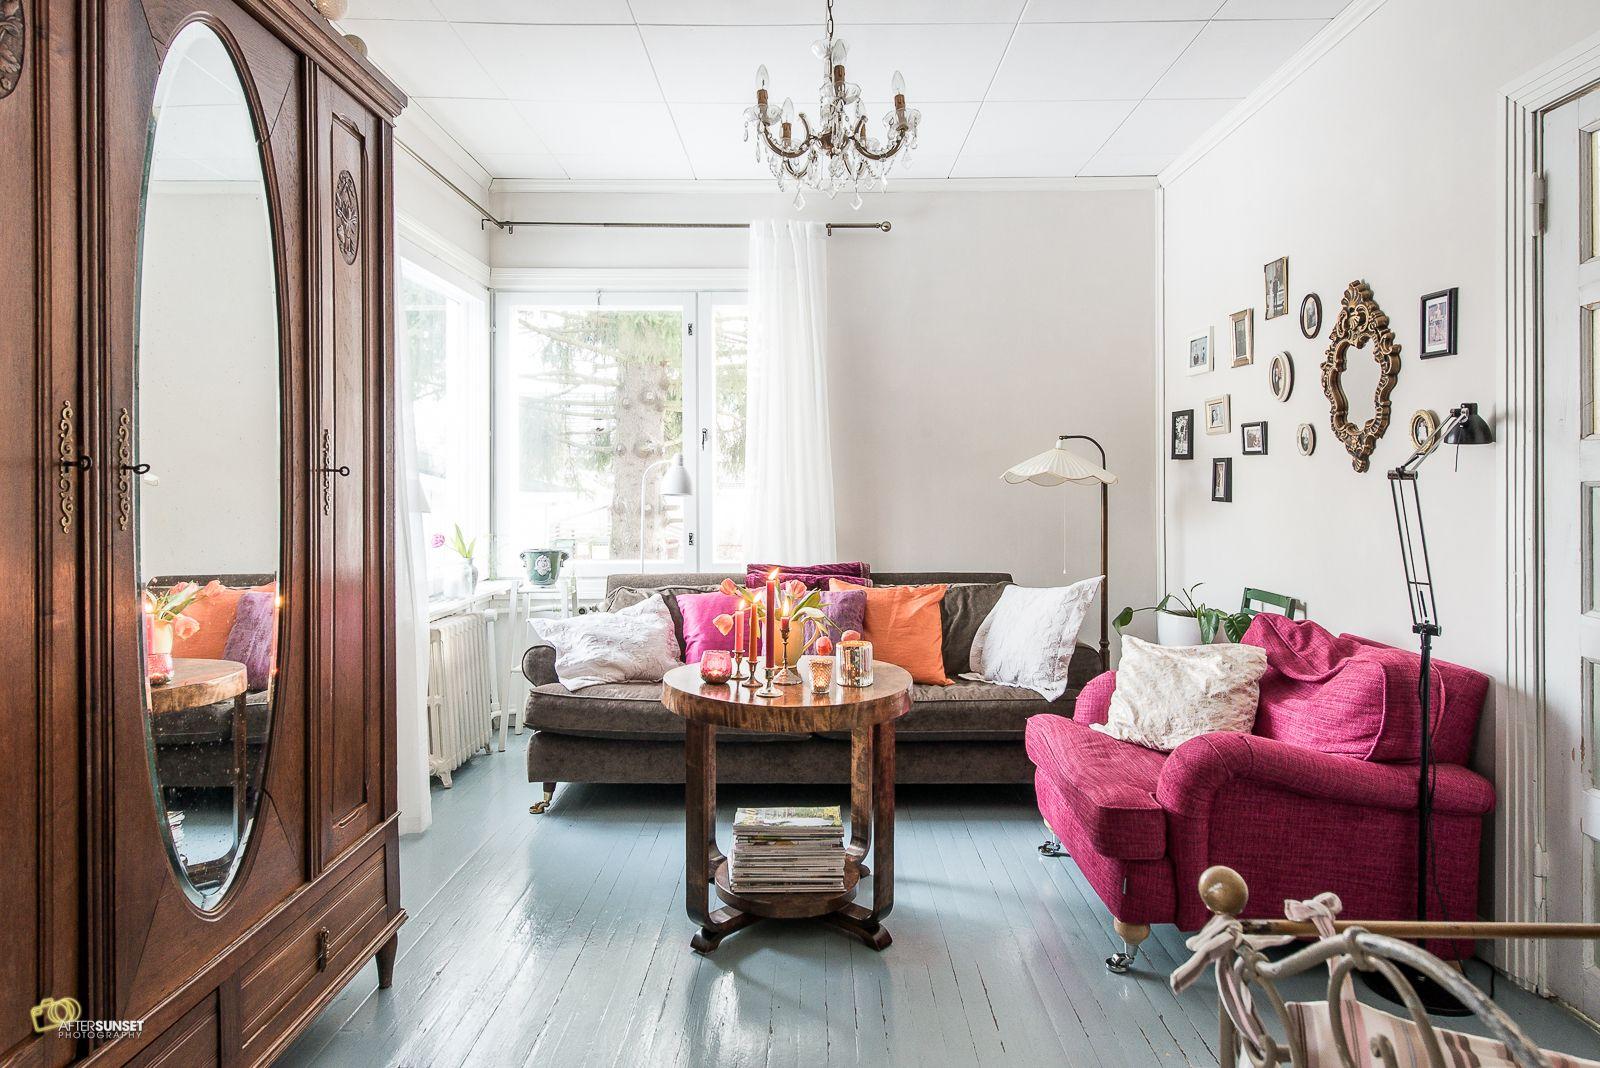 Myydään Paritalo 4 huonetta - Tampere Lamminpää Hätiläntie 4 - Etuovi.com 9985788